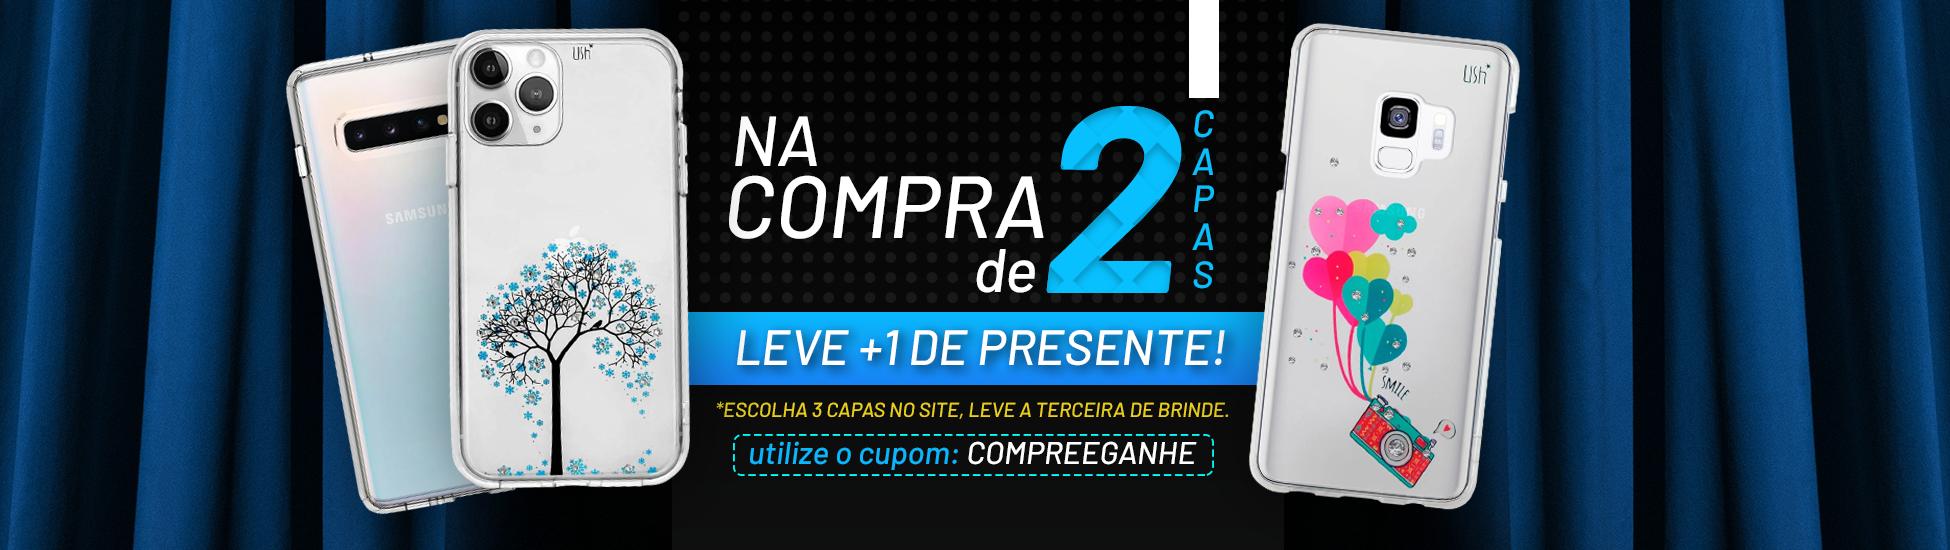 Leve 3 pague 2| Desktop 1920x550